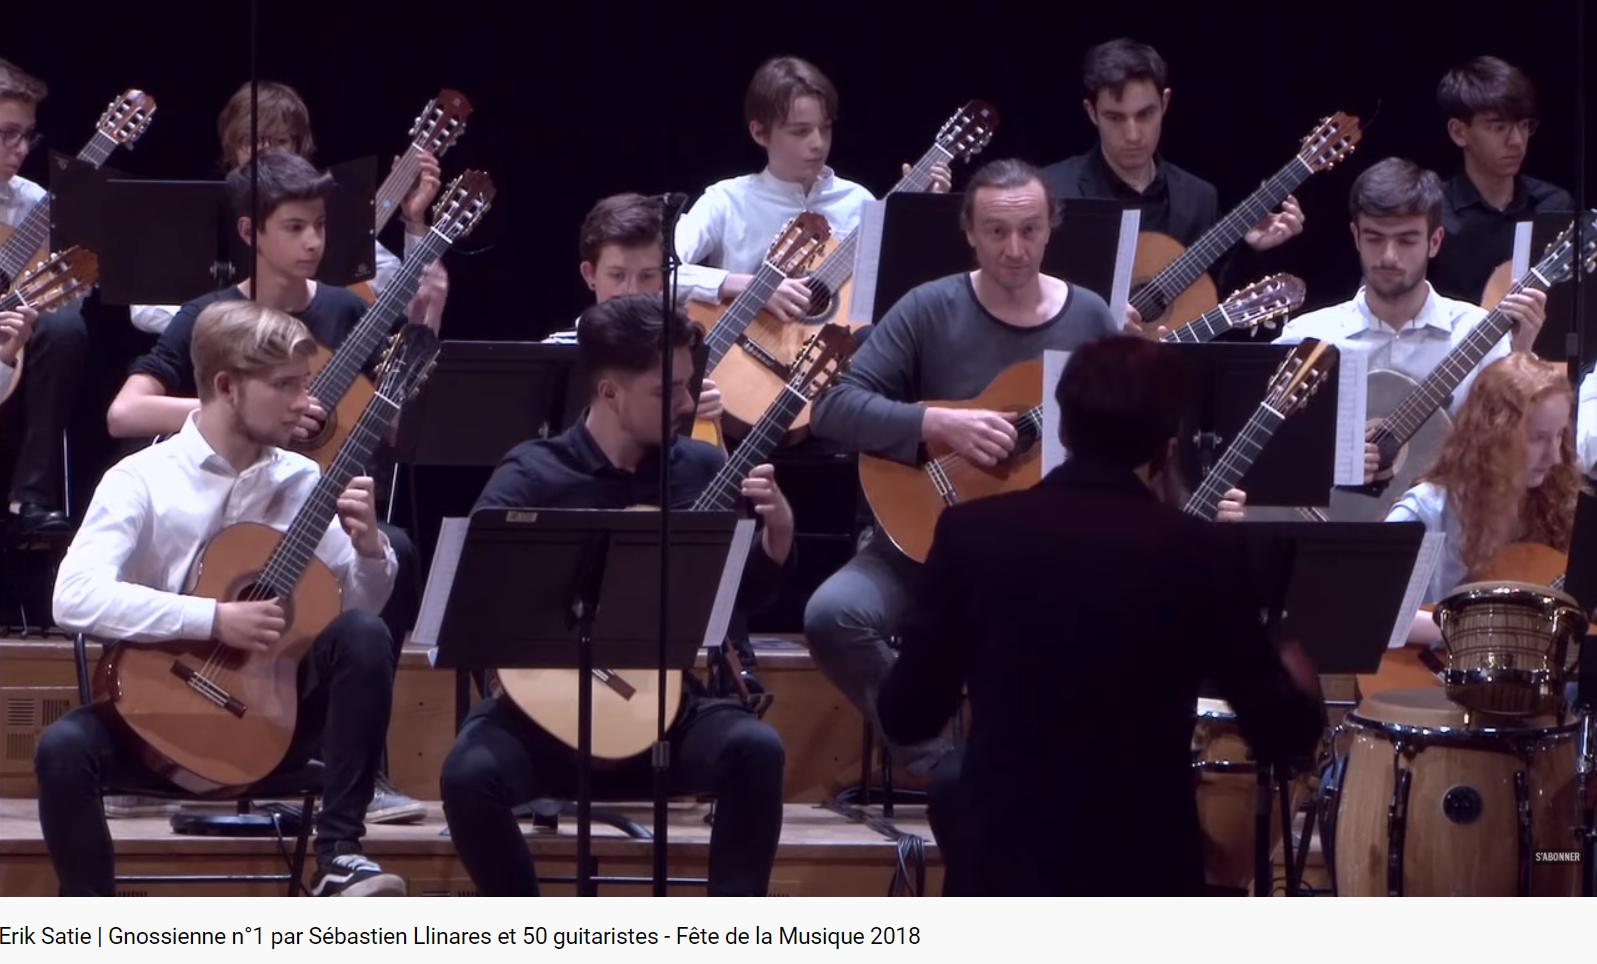 Satie Gnossienne no 1 pour 50 guitares